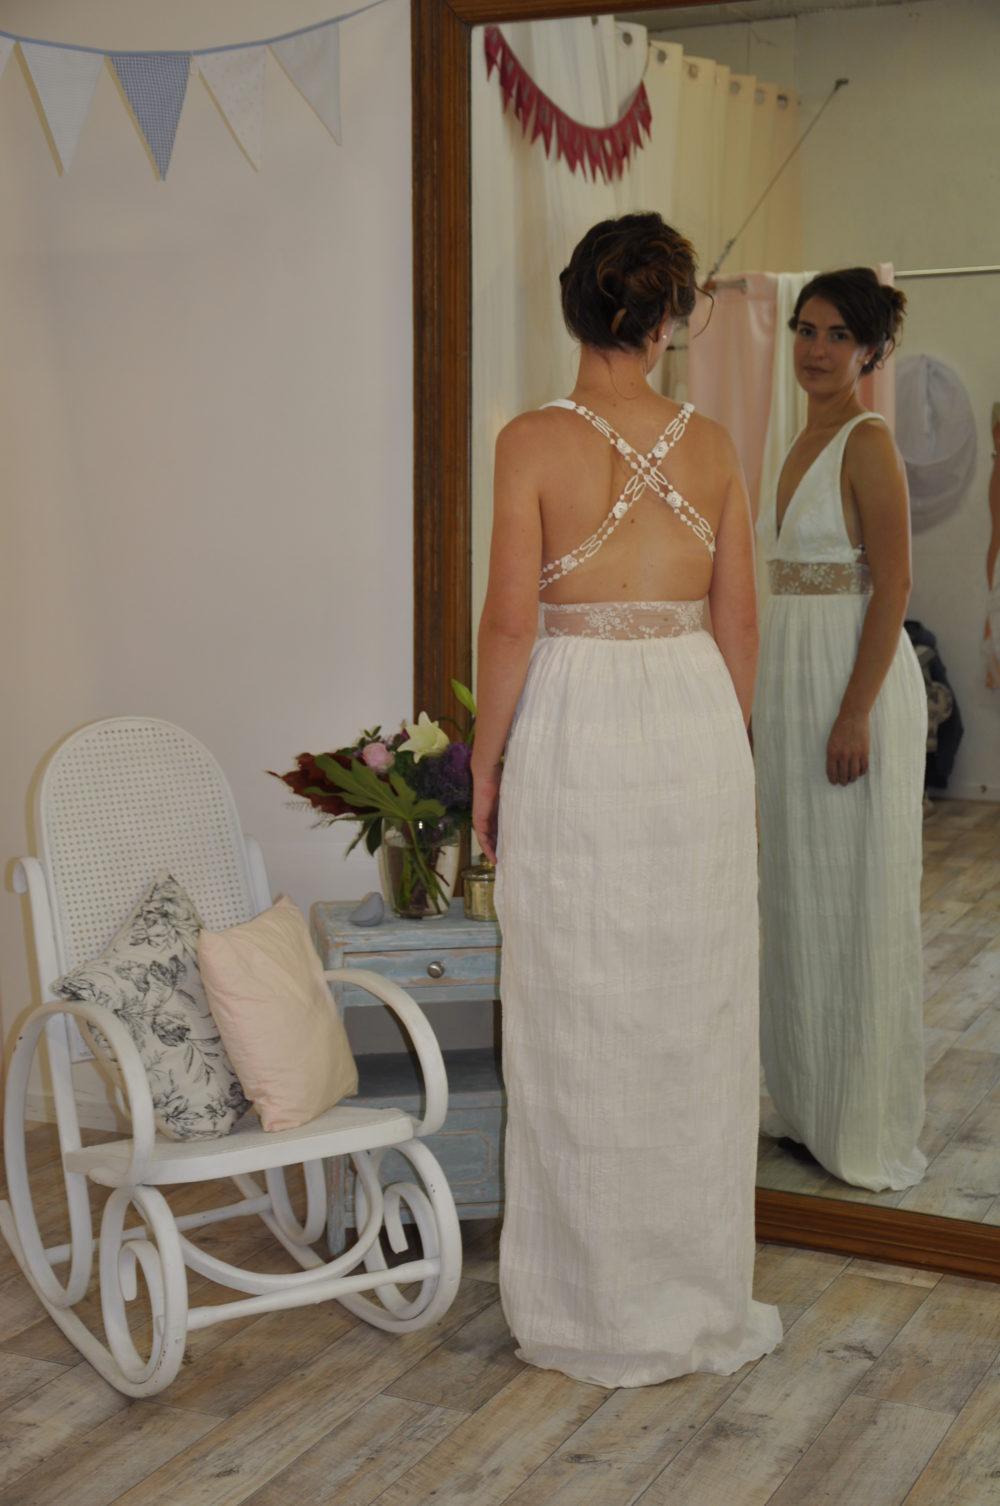 Robe de mariée à domicile - ADELINE - Robe fluide - Boutique de mariage Cholet Angers Nantes Bressuire les Herbiers Chemillé